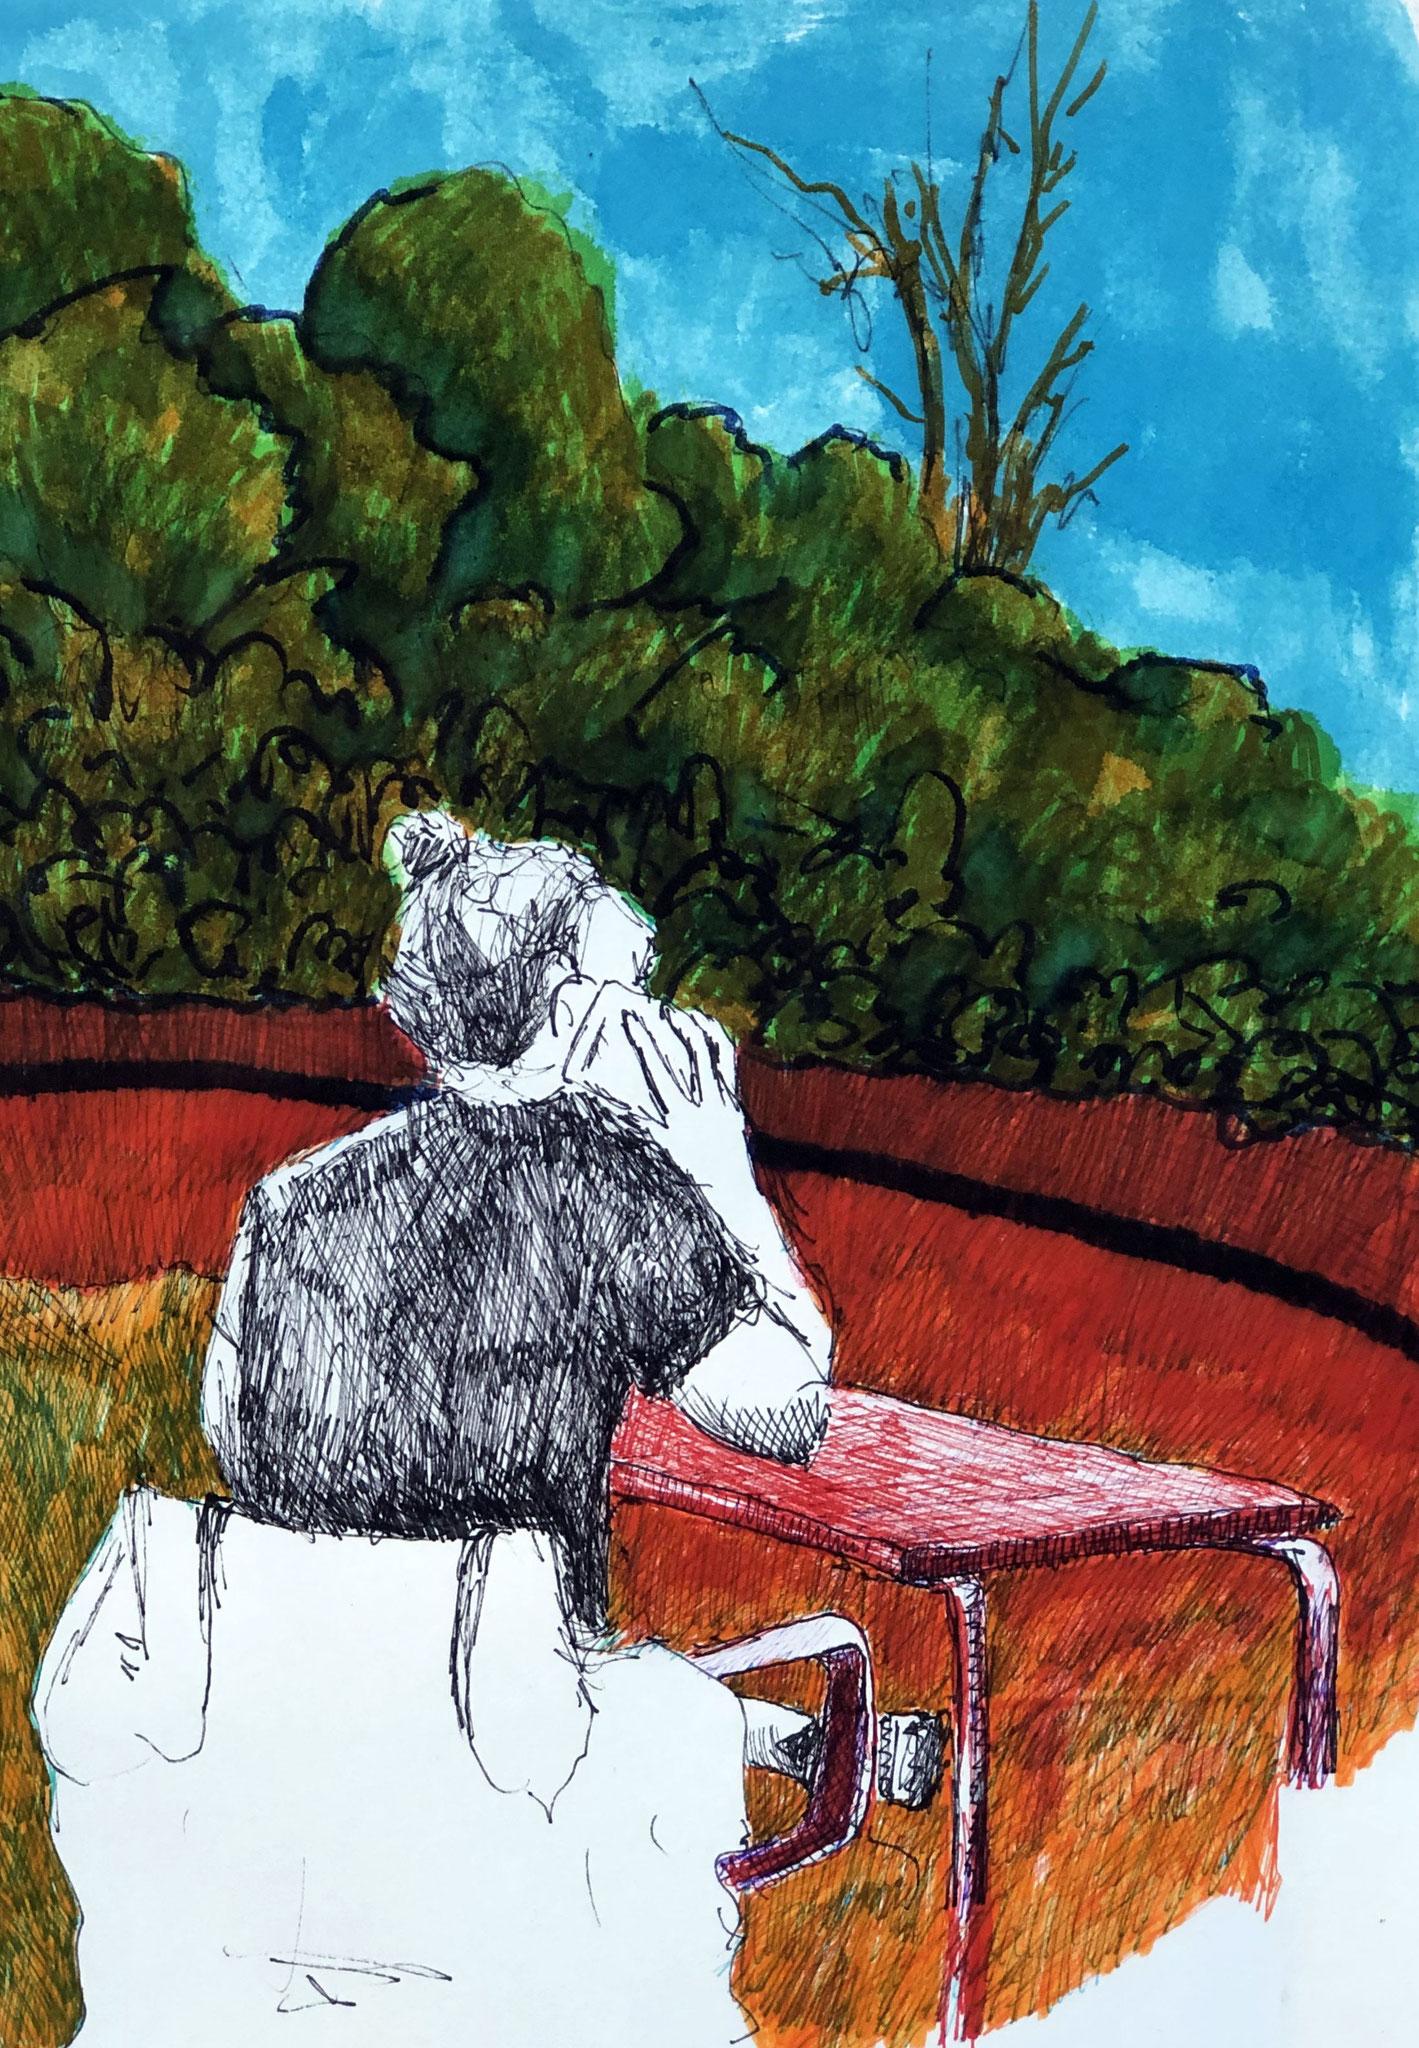 aus meinem Skizzenbuch: LISBOA, IM JARDIM AMALIA RODRIGUES     Mischtechnik auf Papier - 28 x 20cm